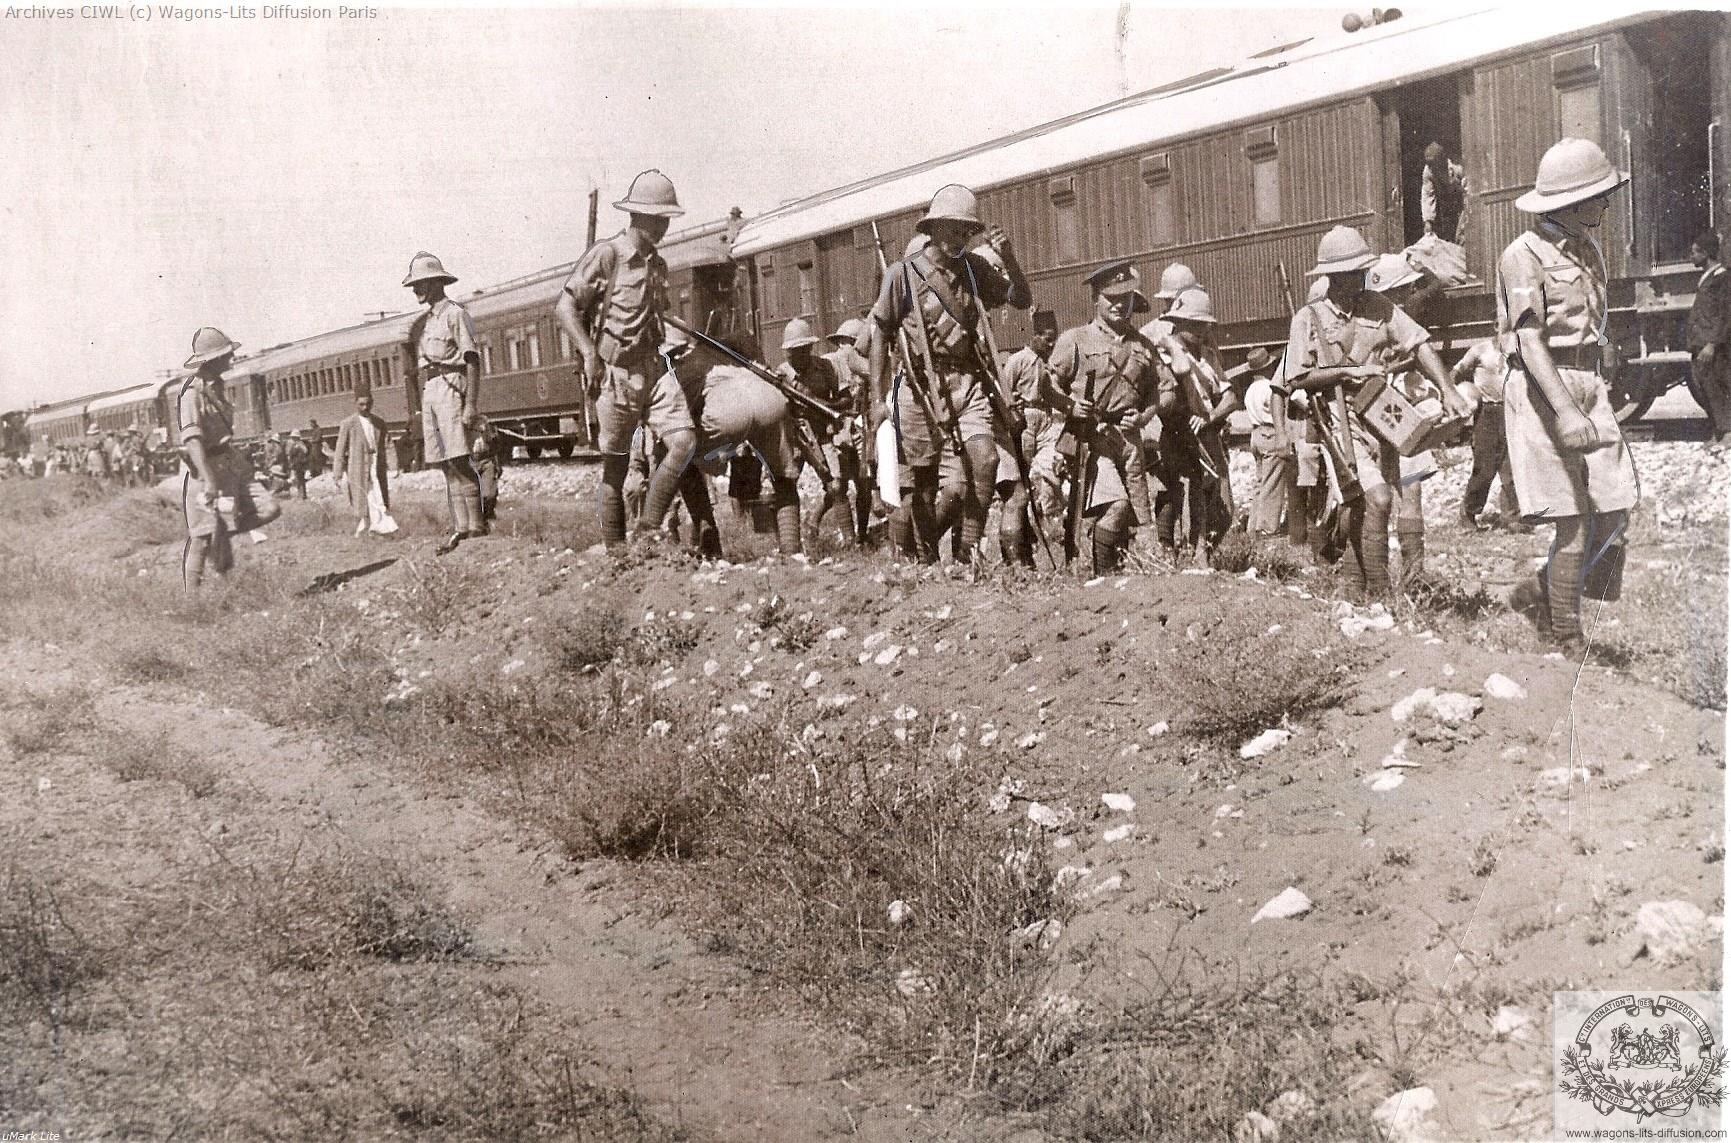 Wl palestine railways lydda junction in 1936 riots in palestine 1